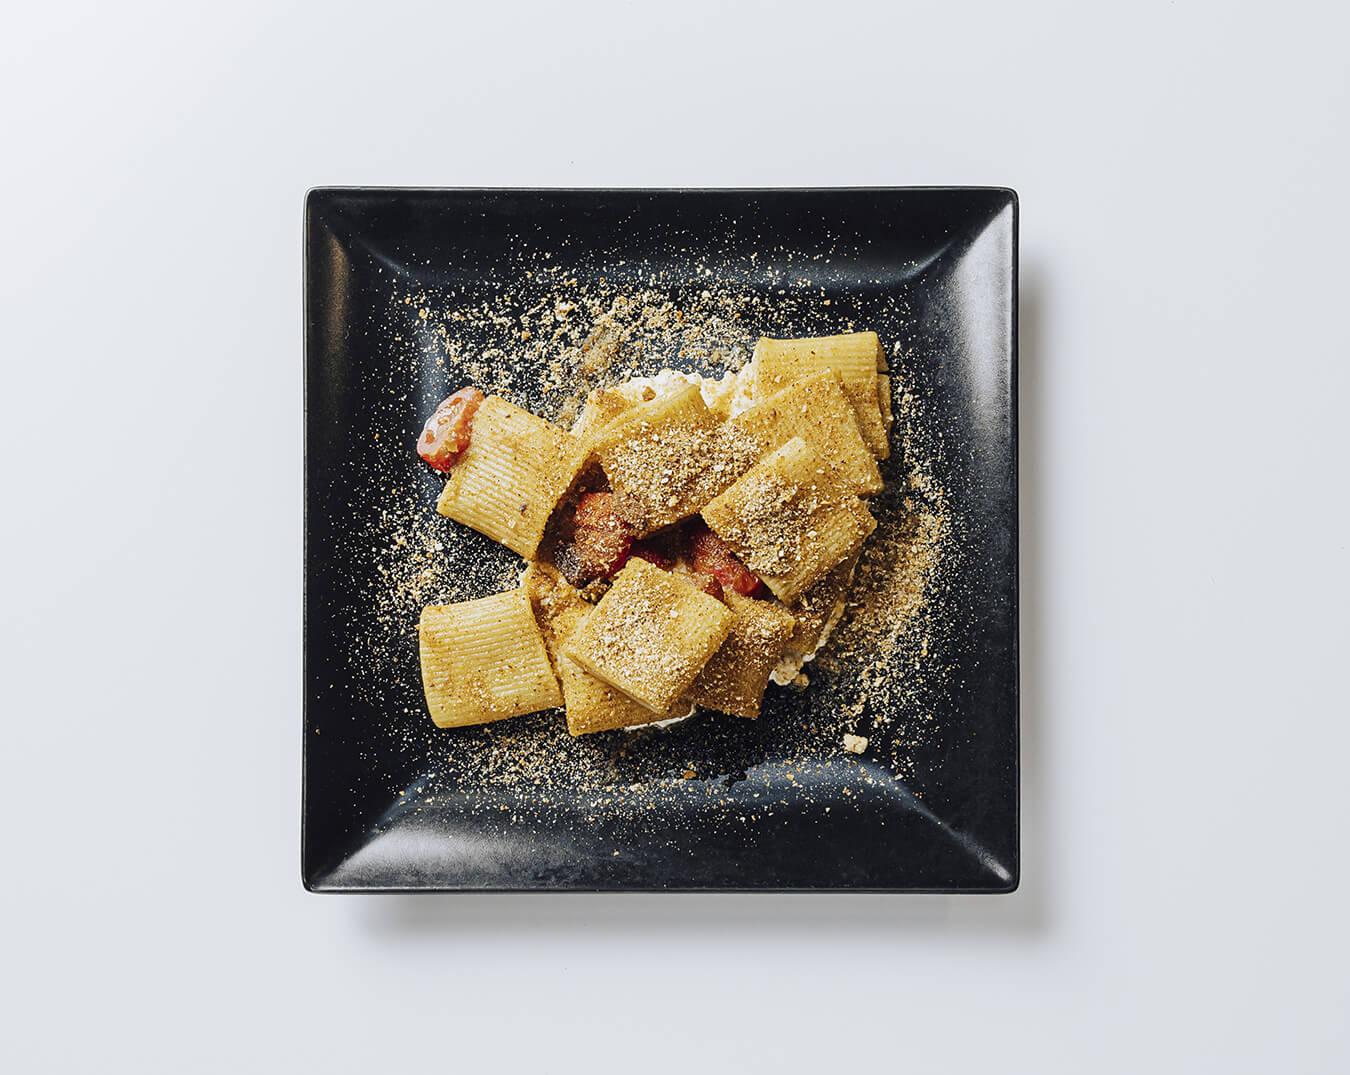 Mezzi paccheri con alici, pomodorino, uvetta, crema di ricotta e pan tostato